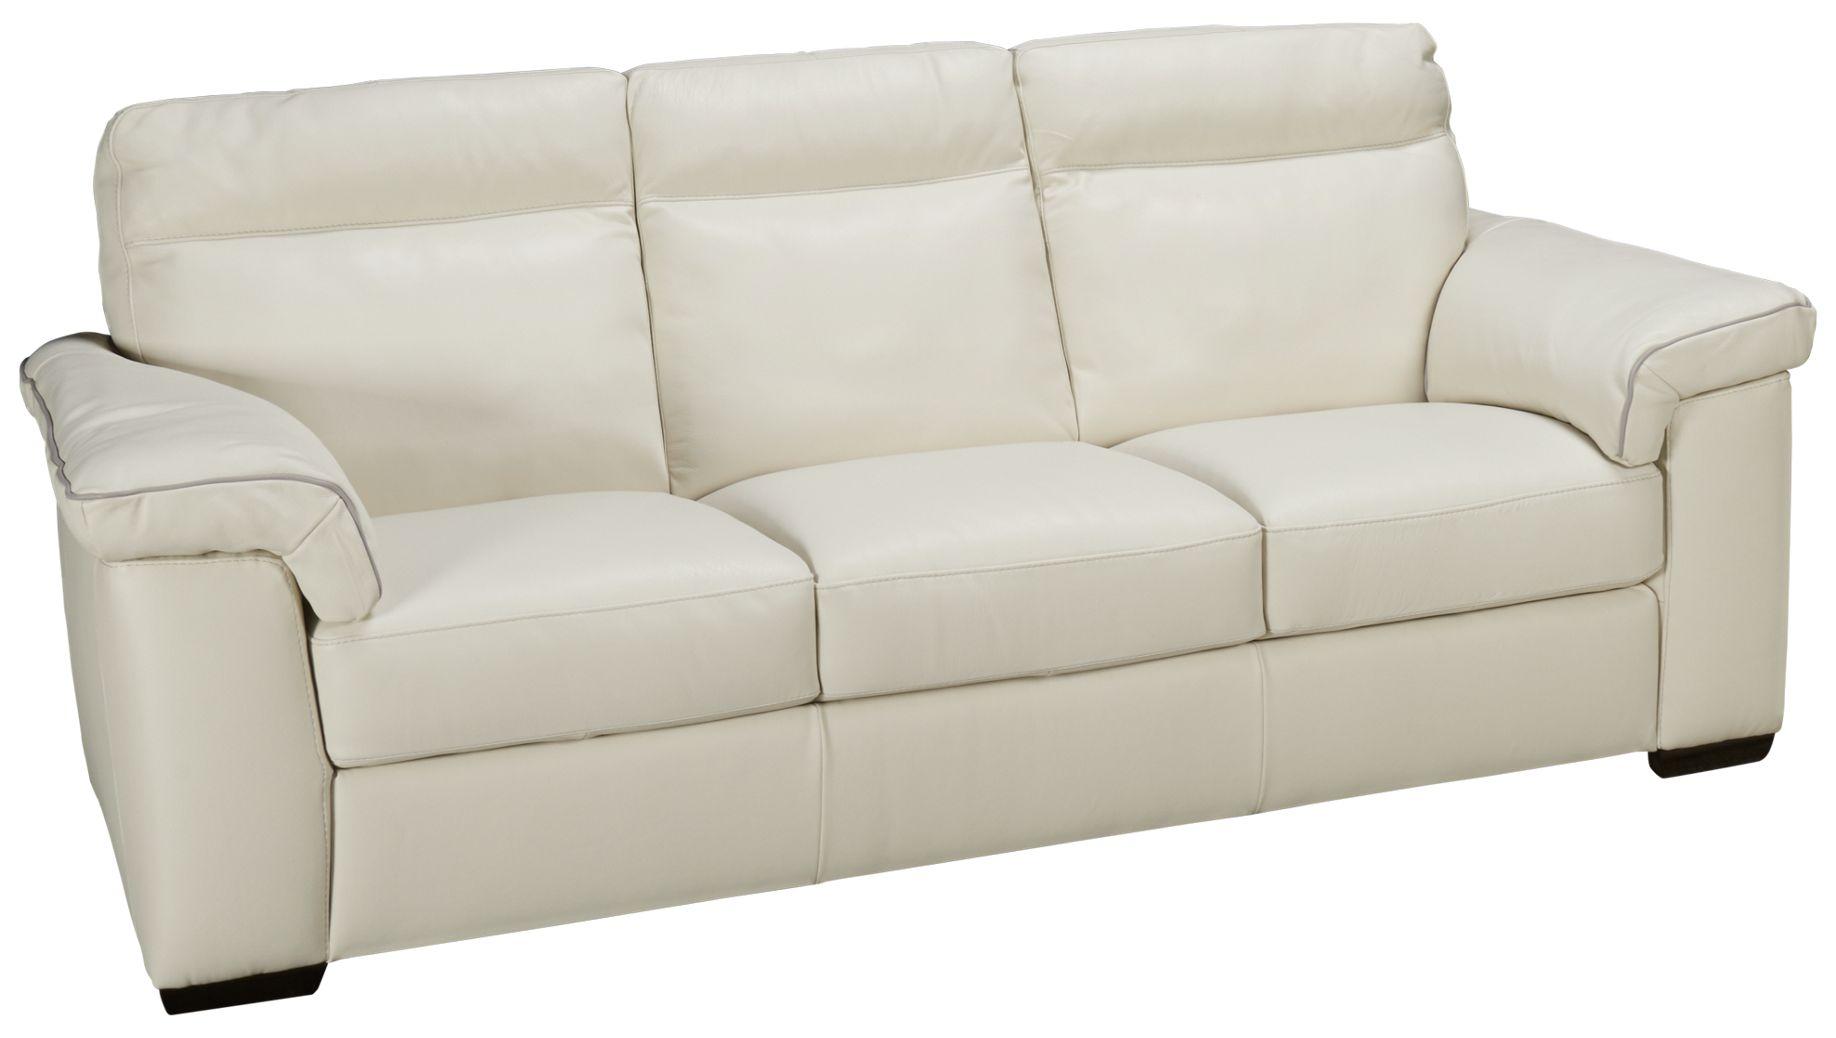 Sofa buy natuzzi leather sofa custom made style natuzzi leather sofa - Natuzzi Editions Delaney Leather Sofa